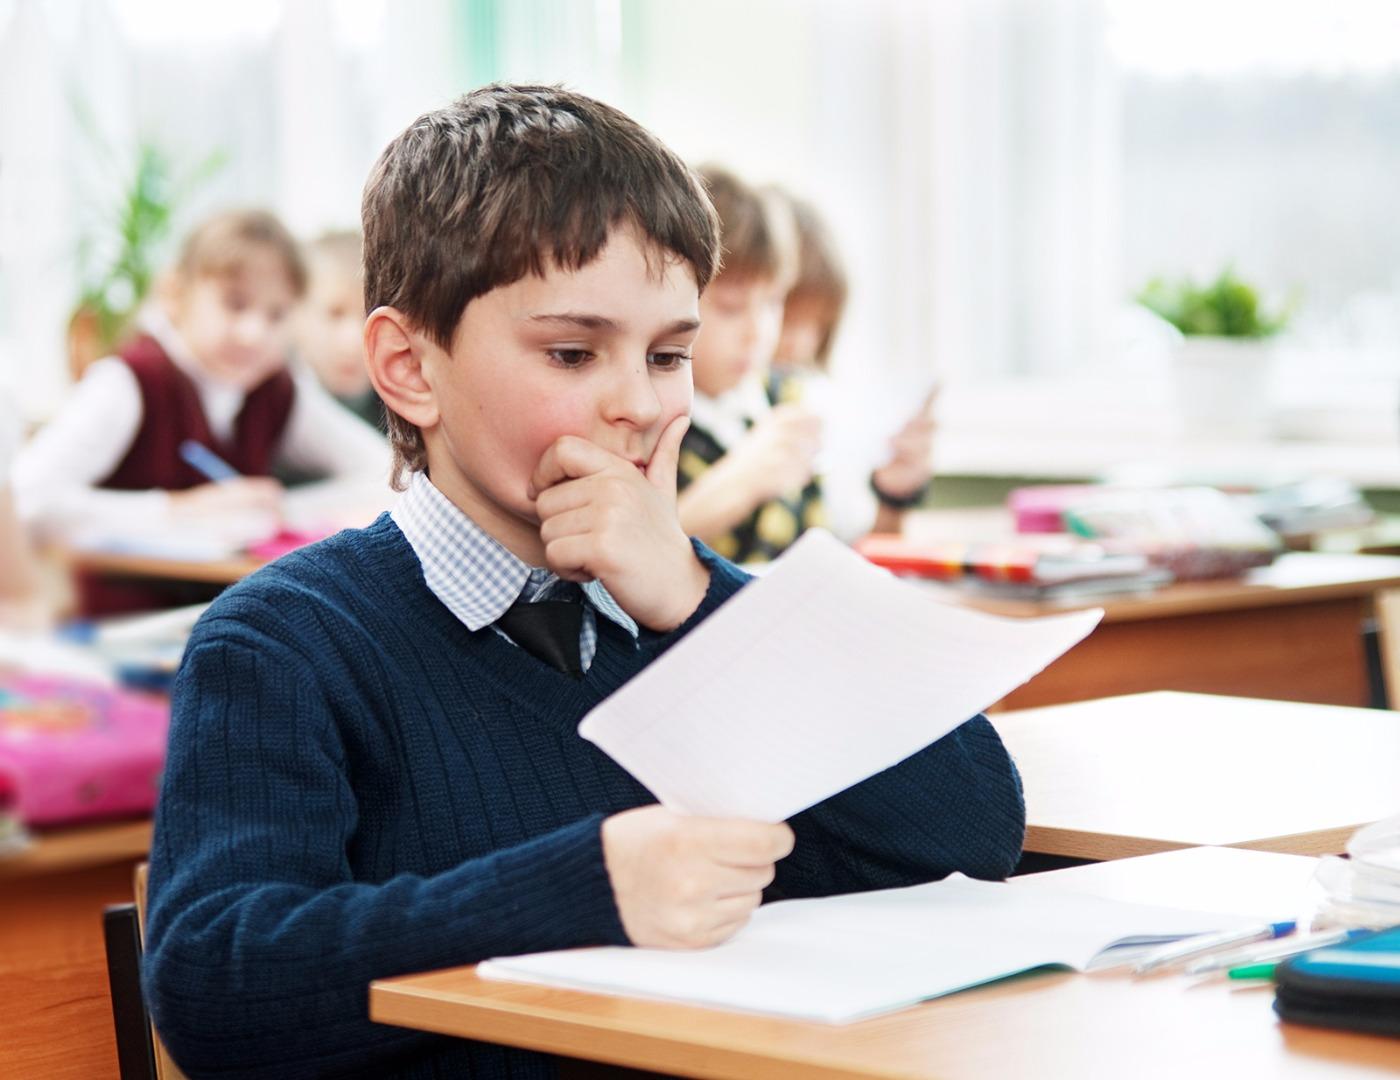 Брянских школьников 5-11 классов из-за коронавируса перевели на дистанционное обучение